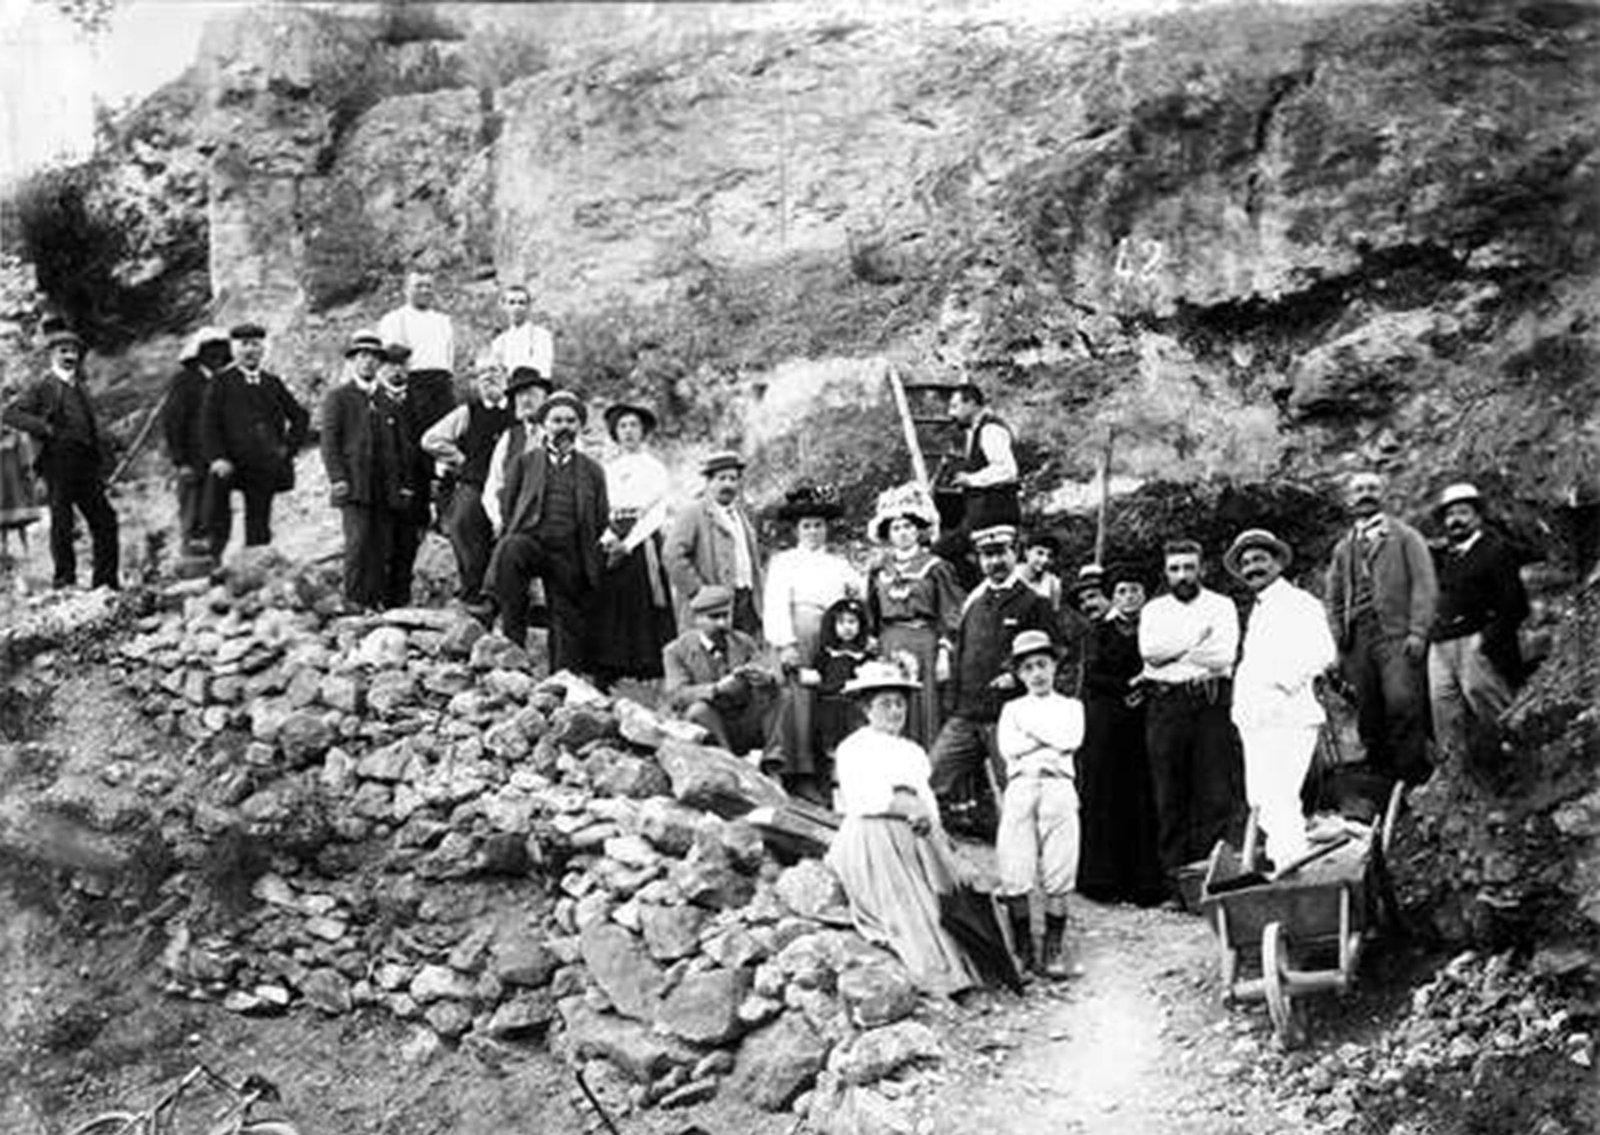 La Ferrassie Site 1908